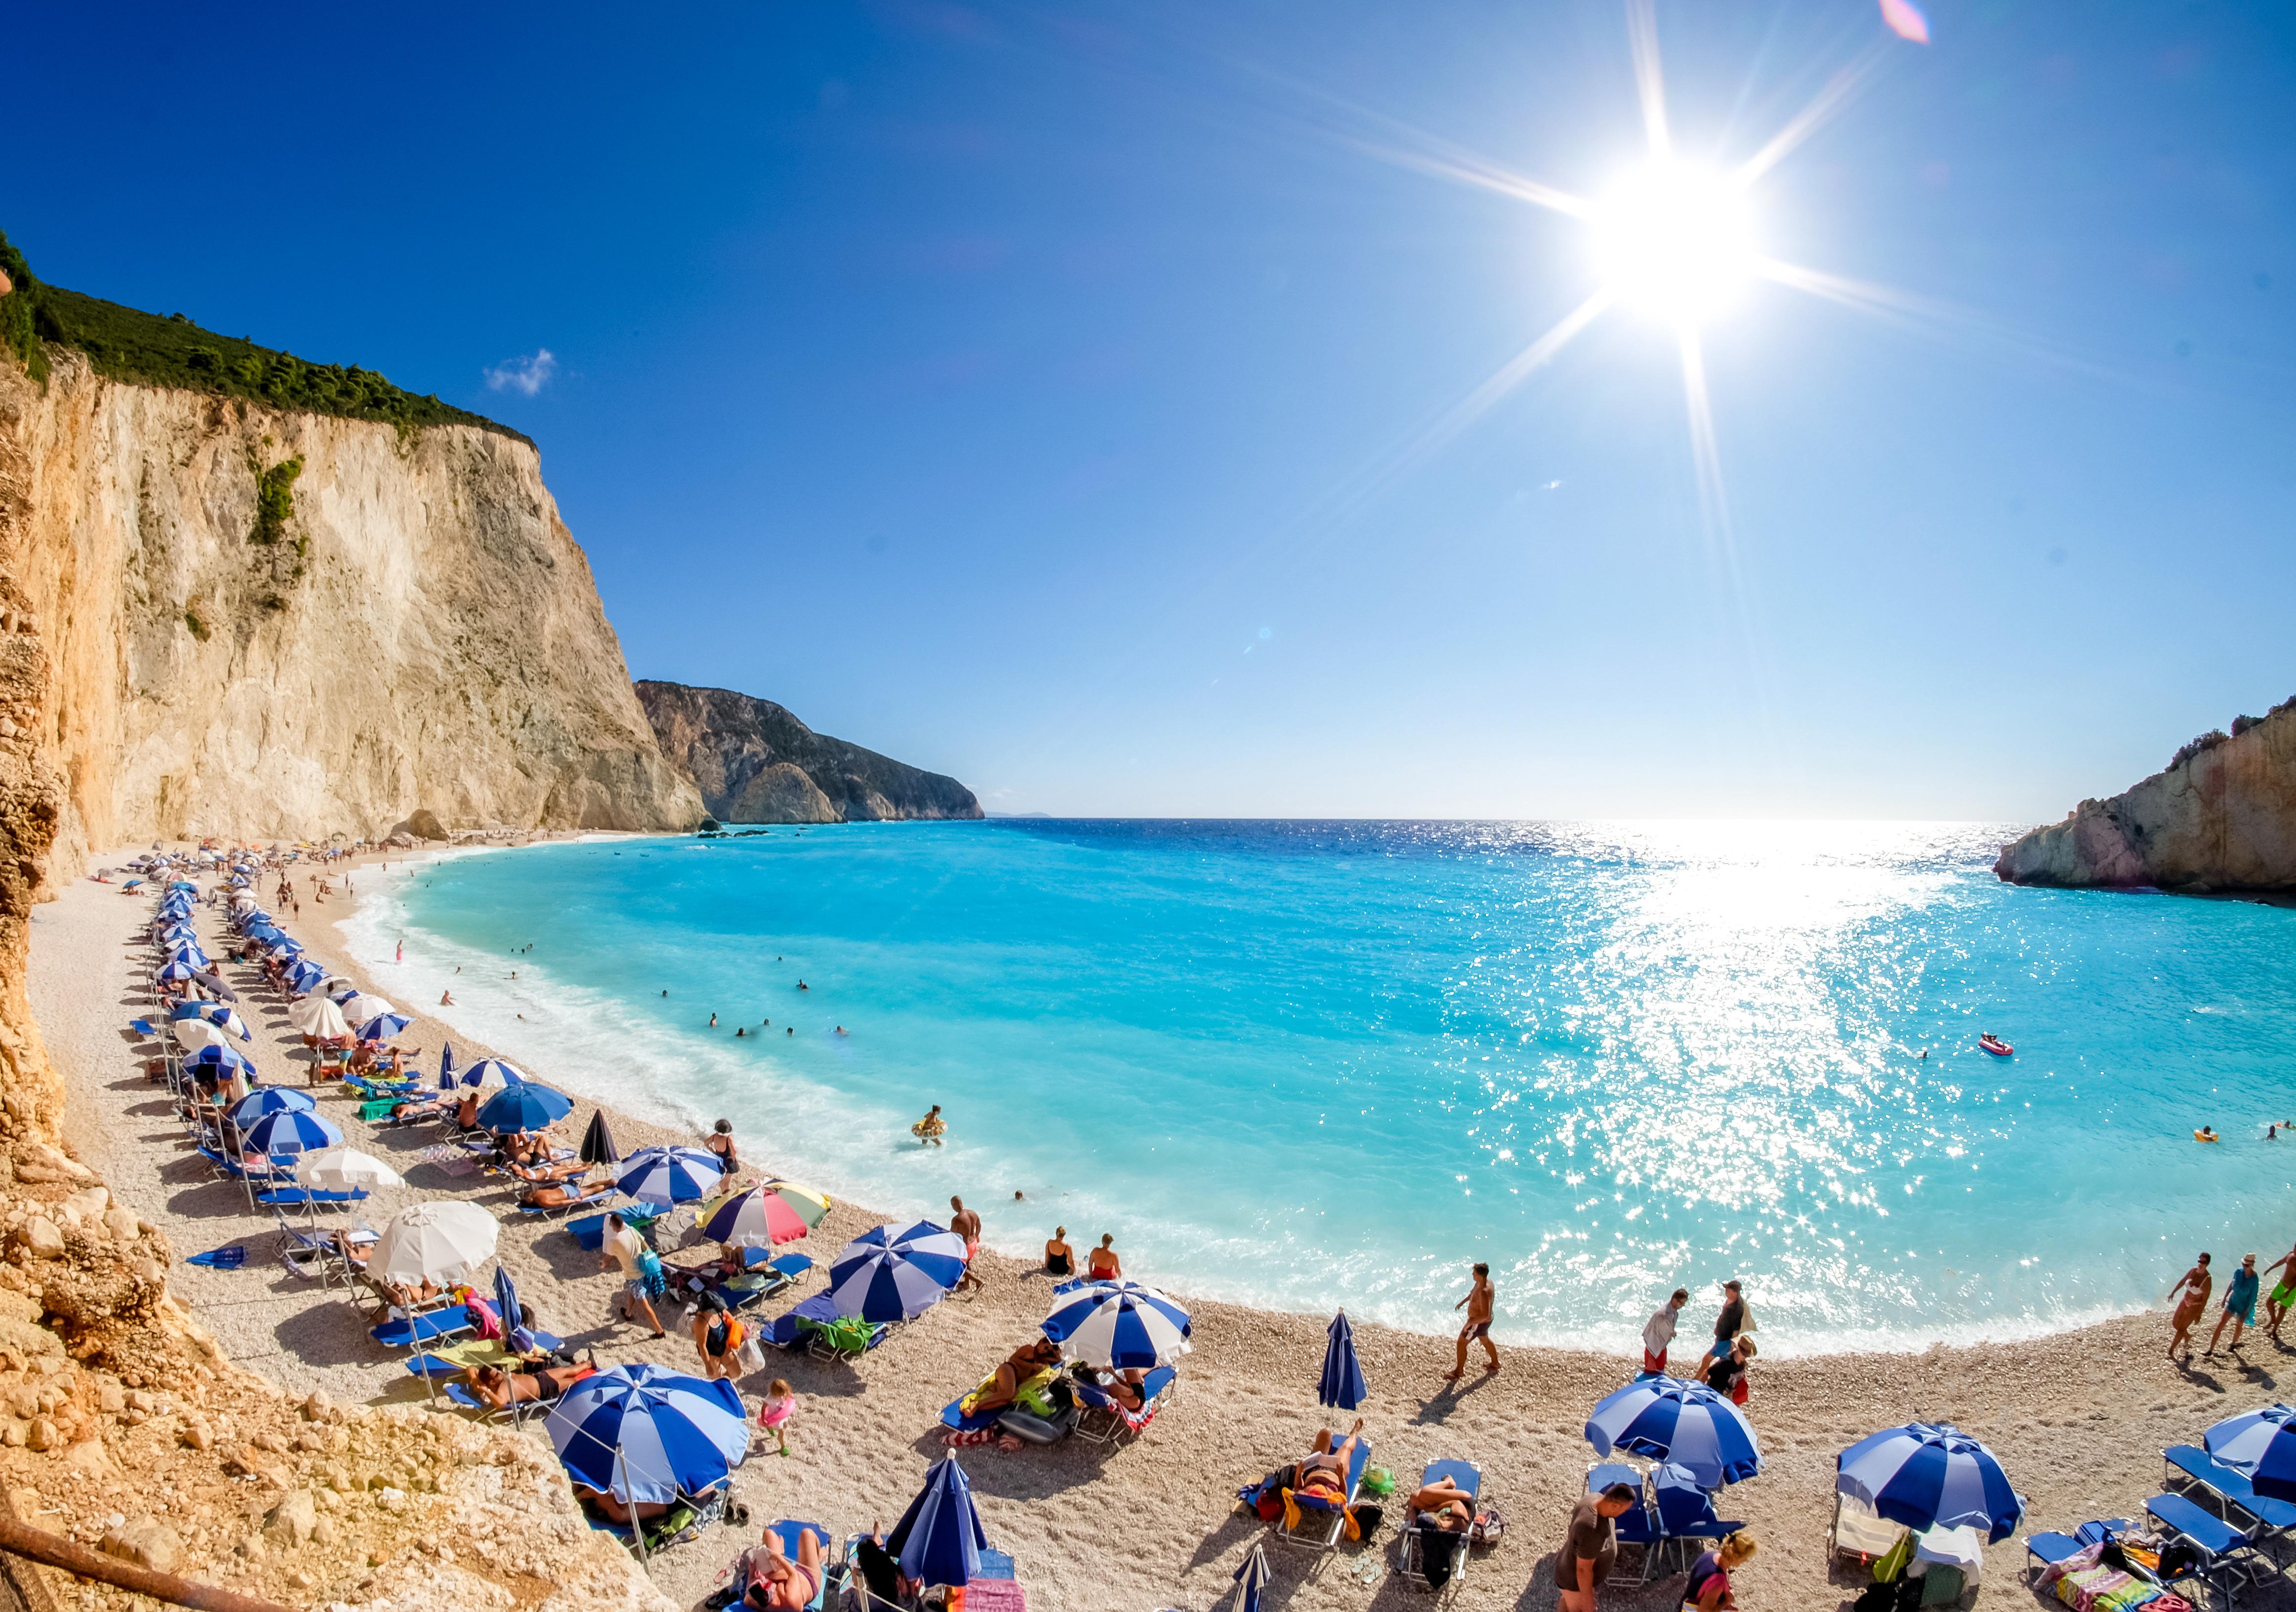 Plajele amenajate, redeschise în Grecia. Sezonul estival se va deschide oficial peste o săptămână